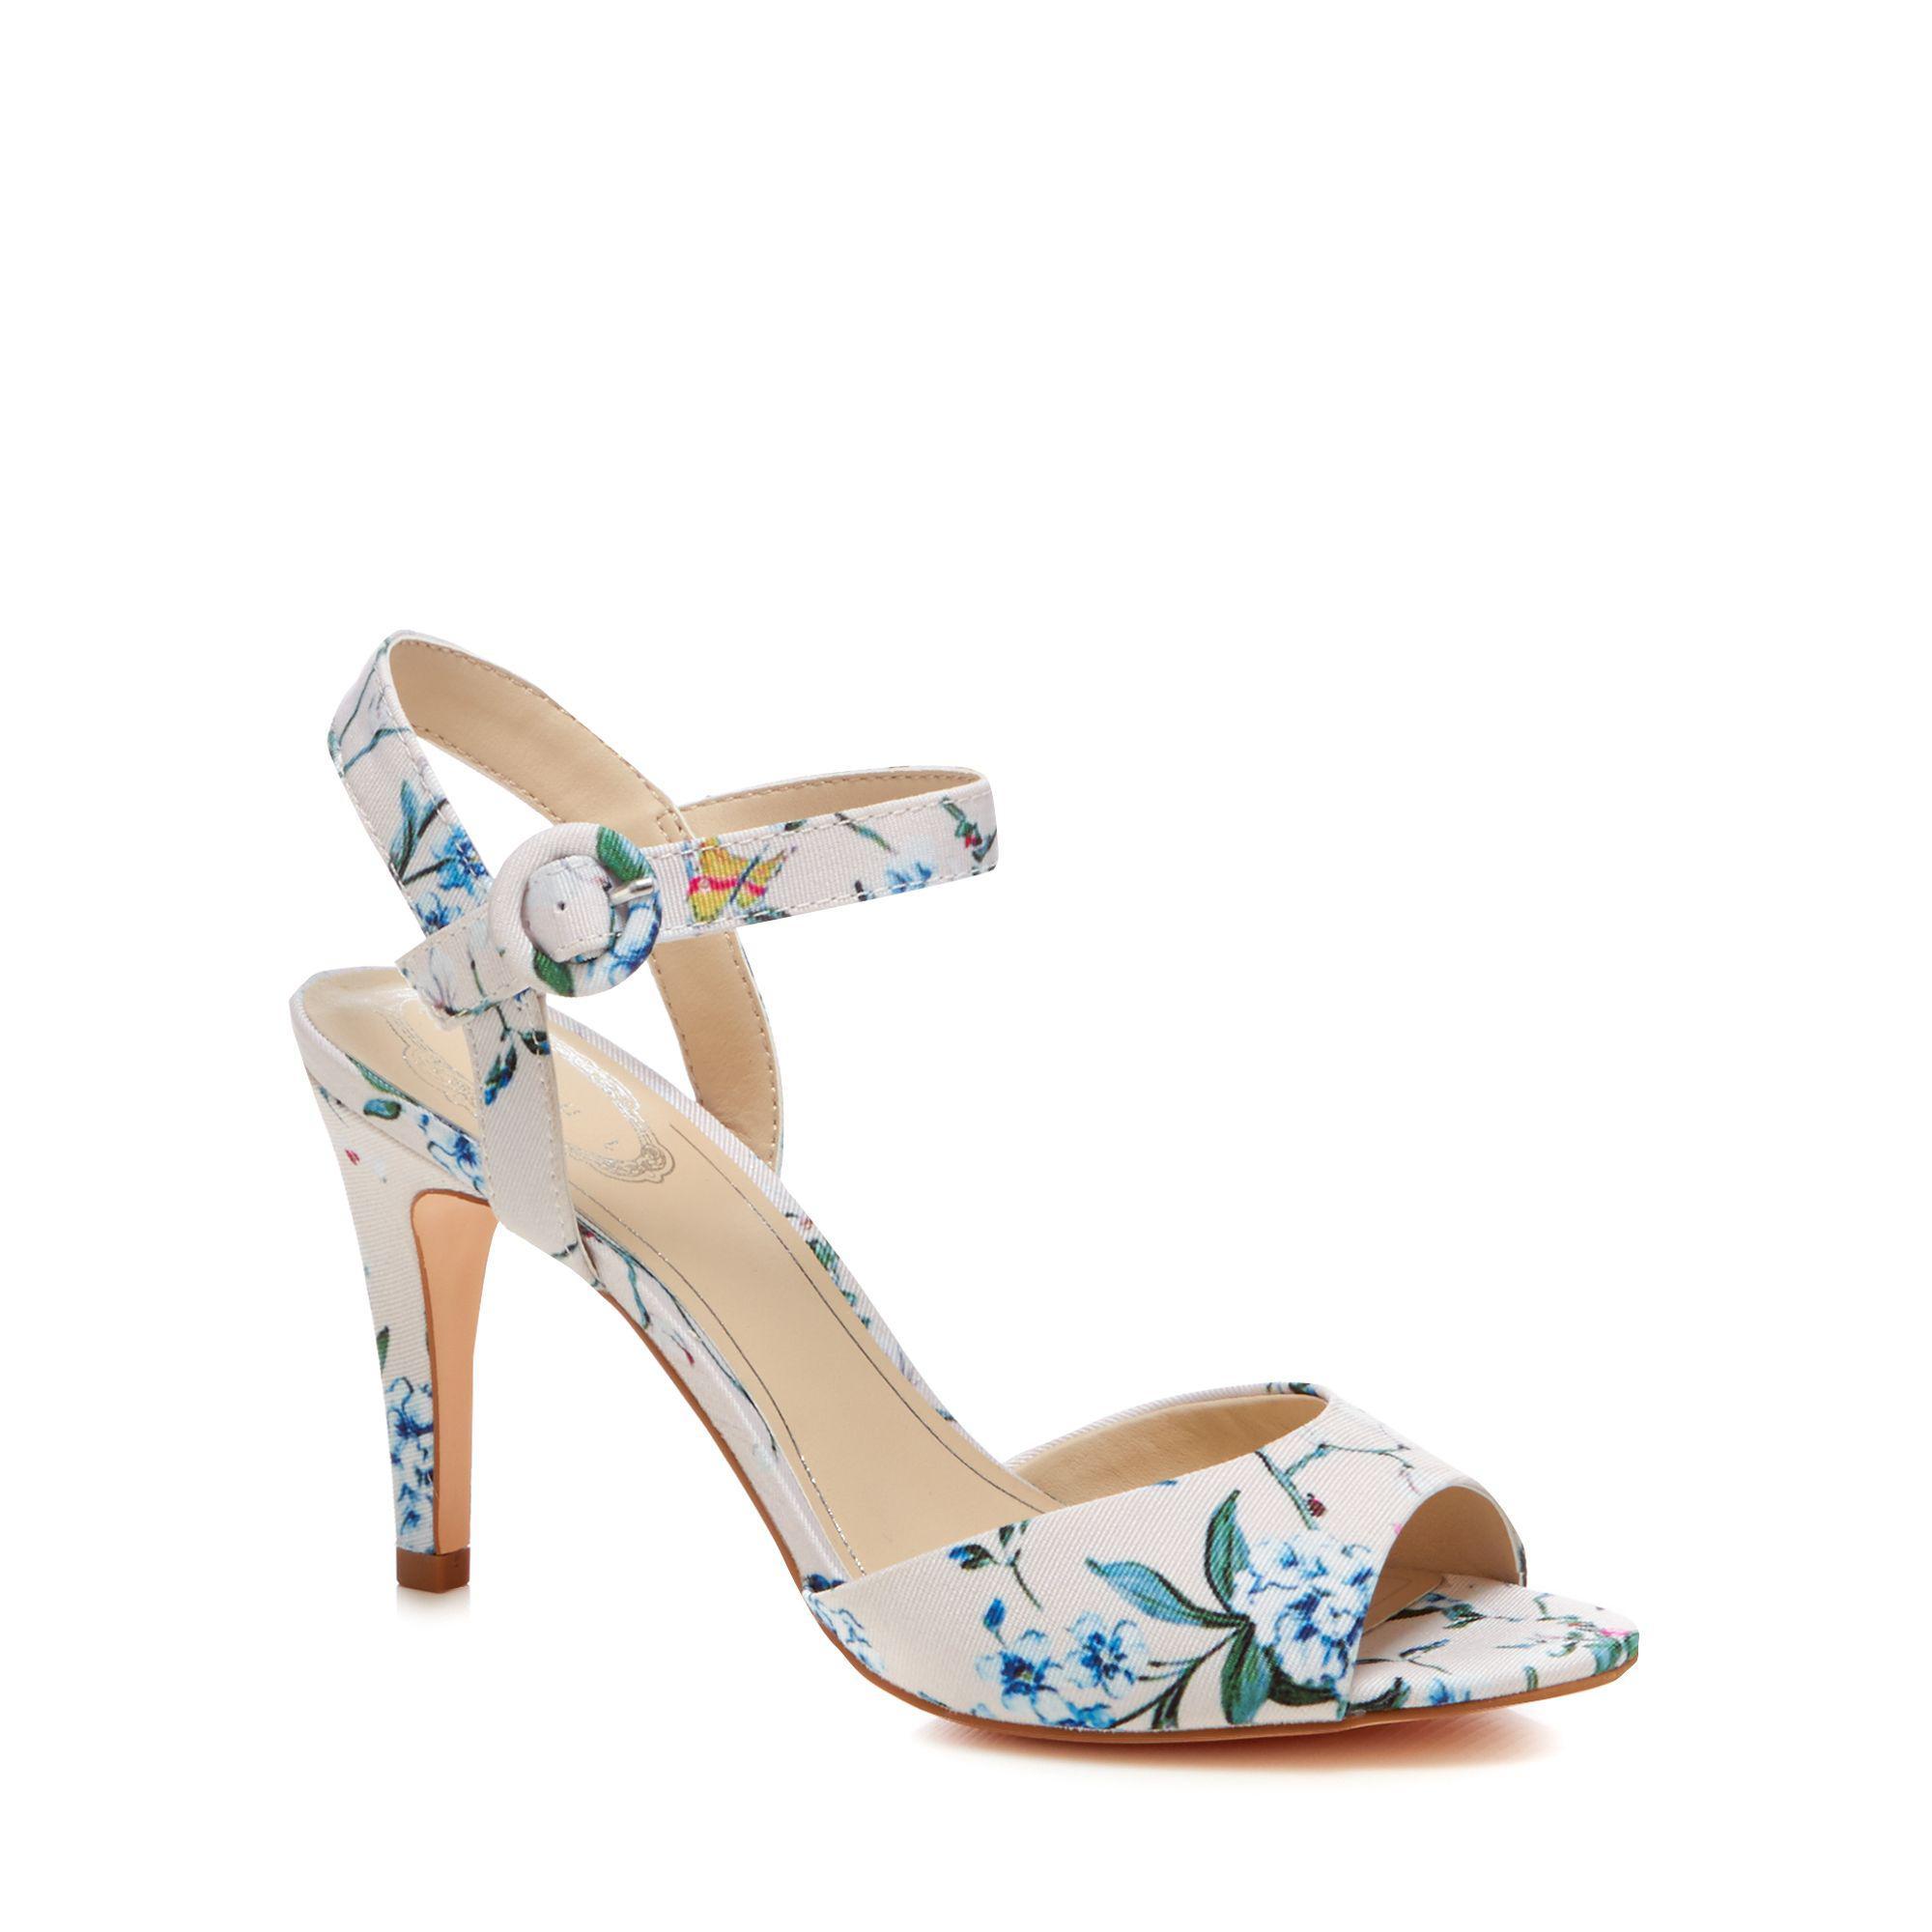 bb5de05a8 Début Multi-coloured  daenerys  High Stiletto Heel Ankle Strap ...